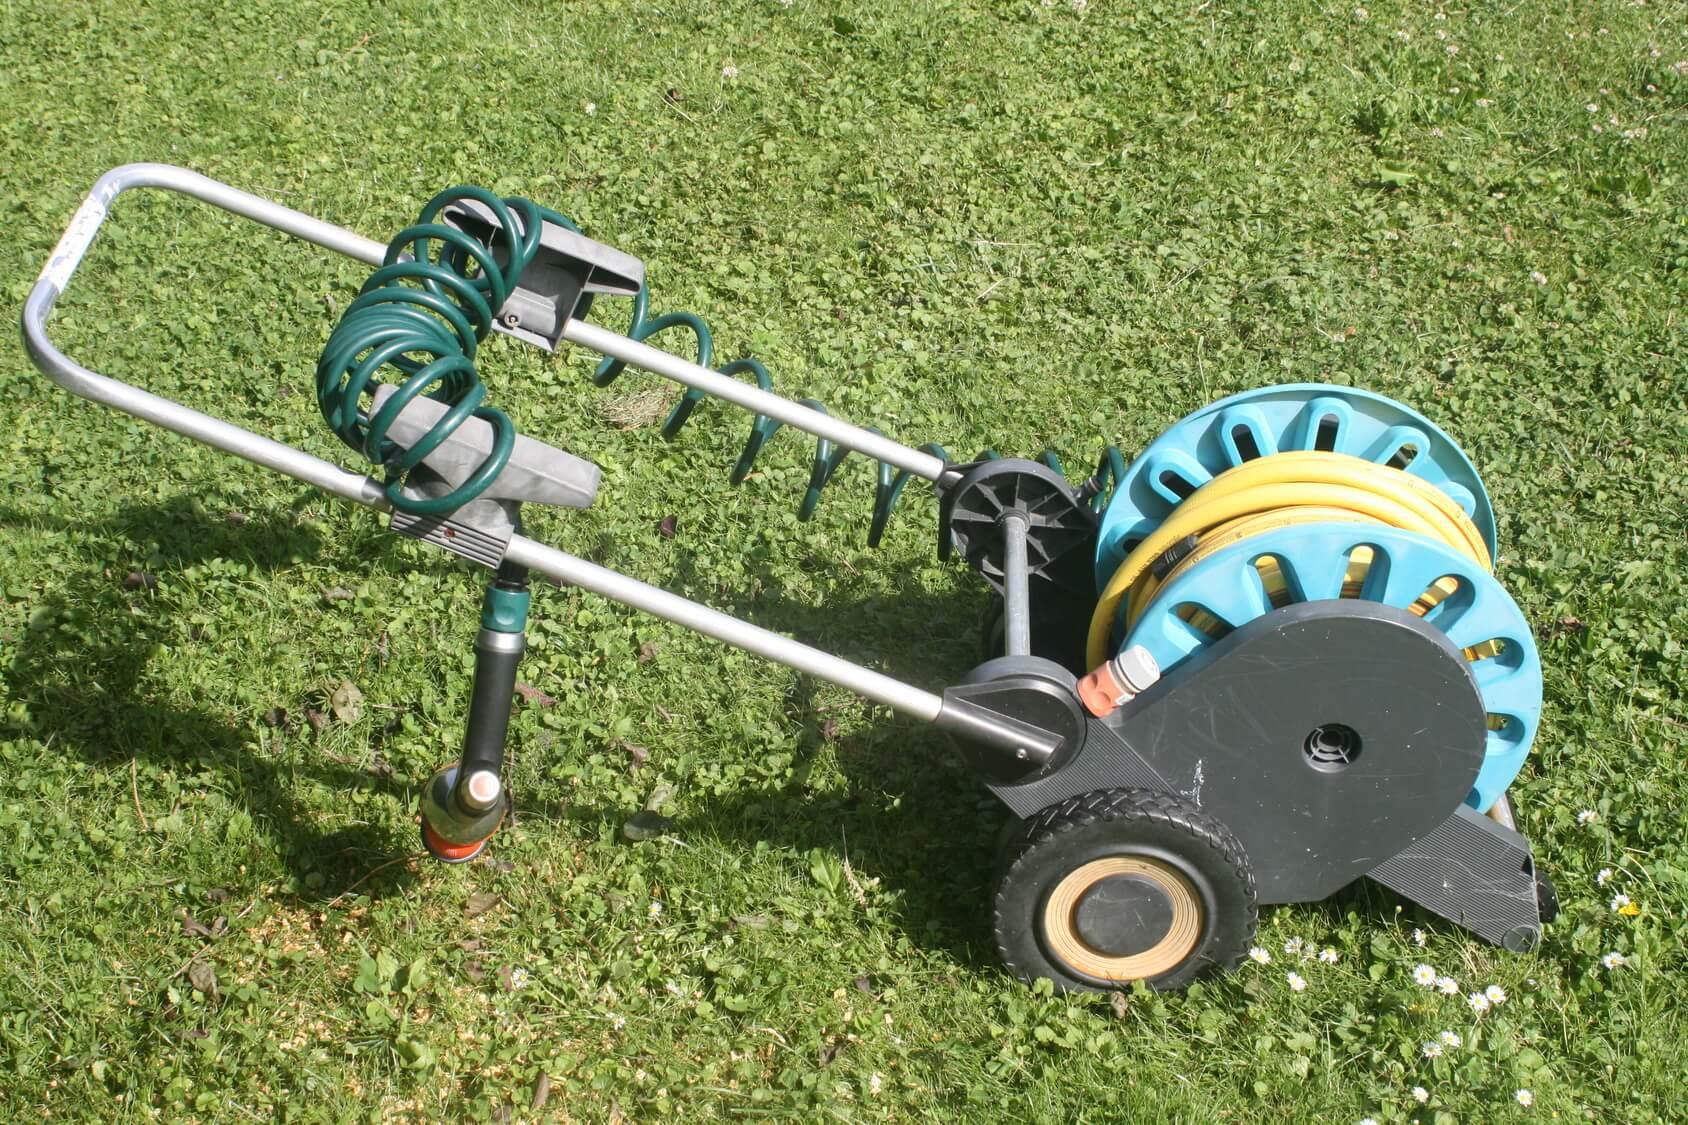 Gartenschlauchwagen auf Rasen